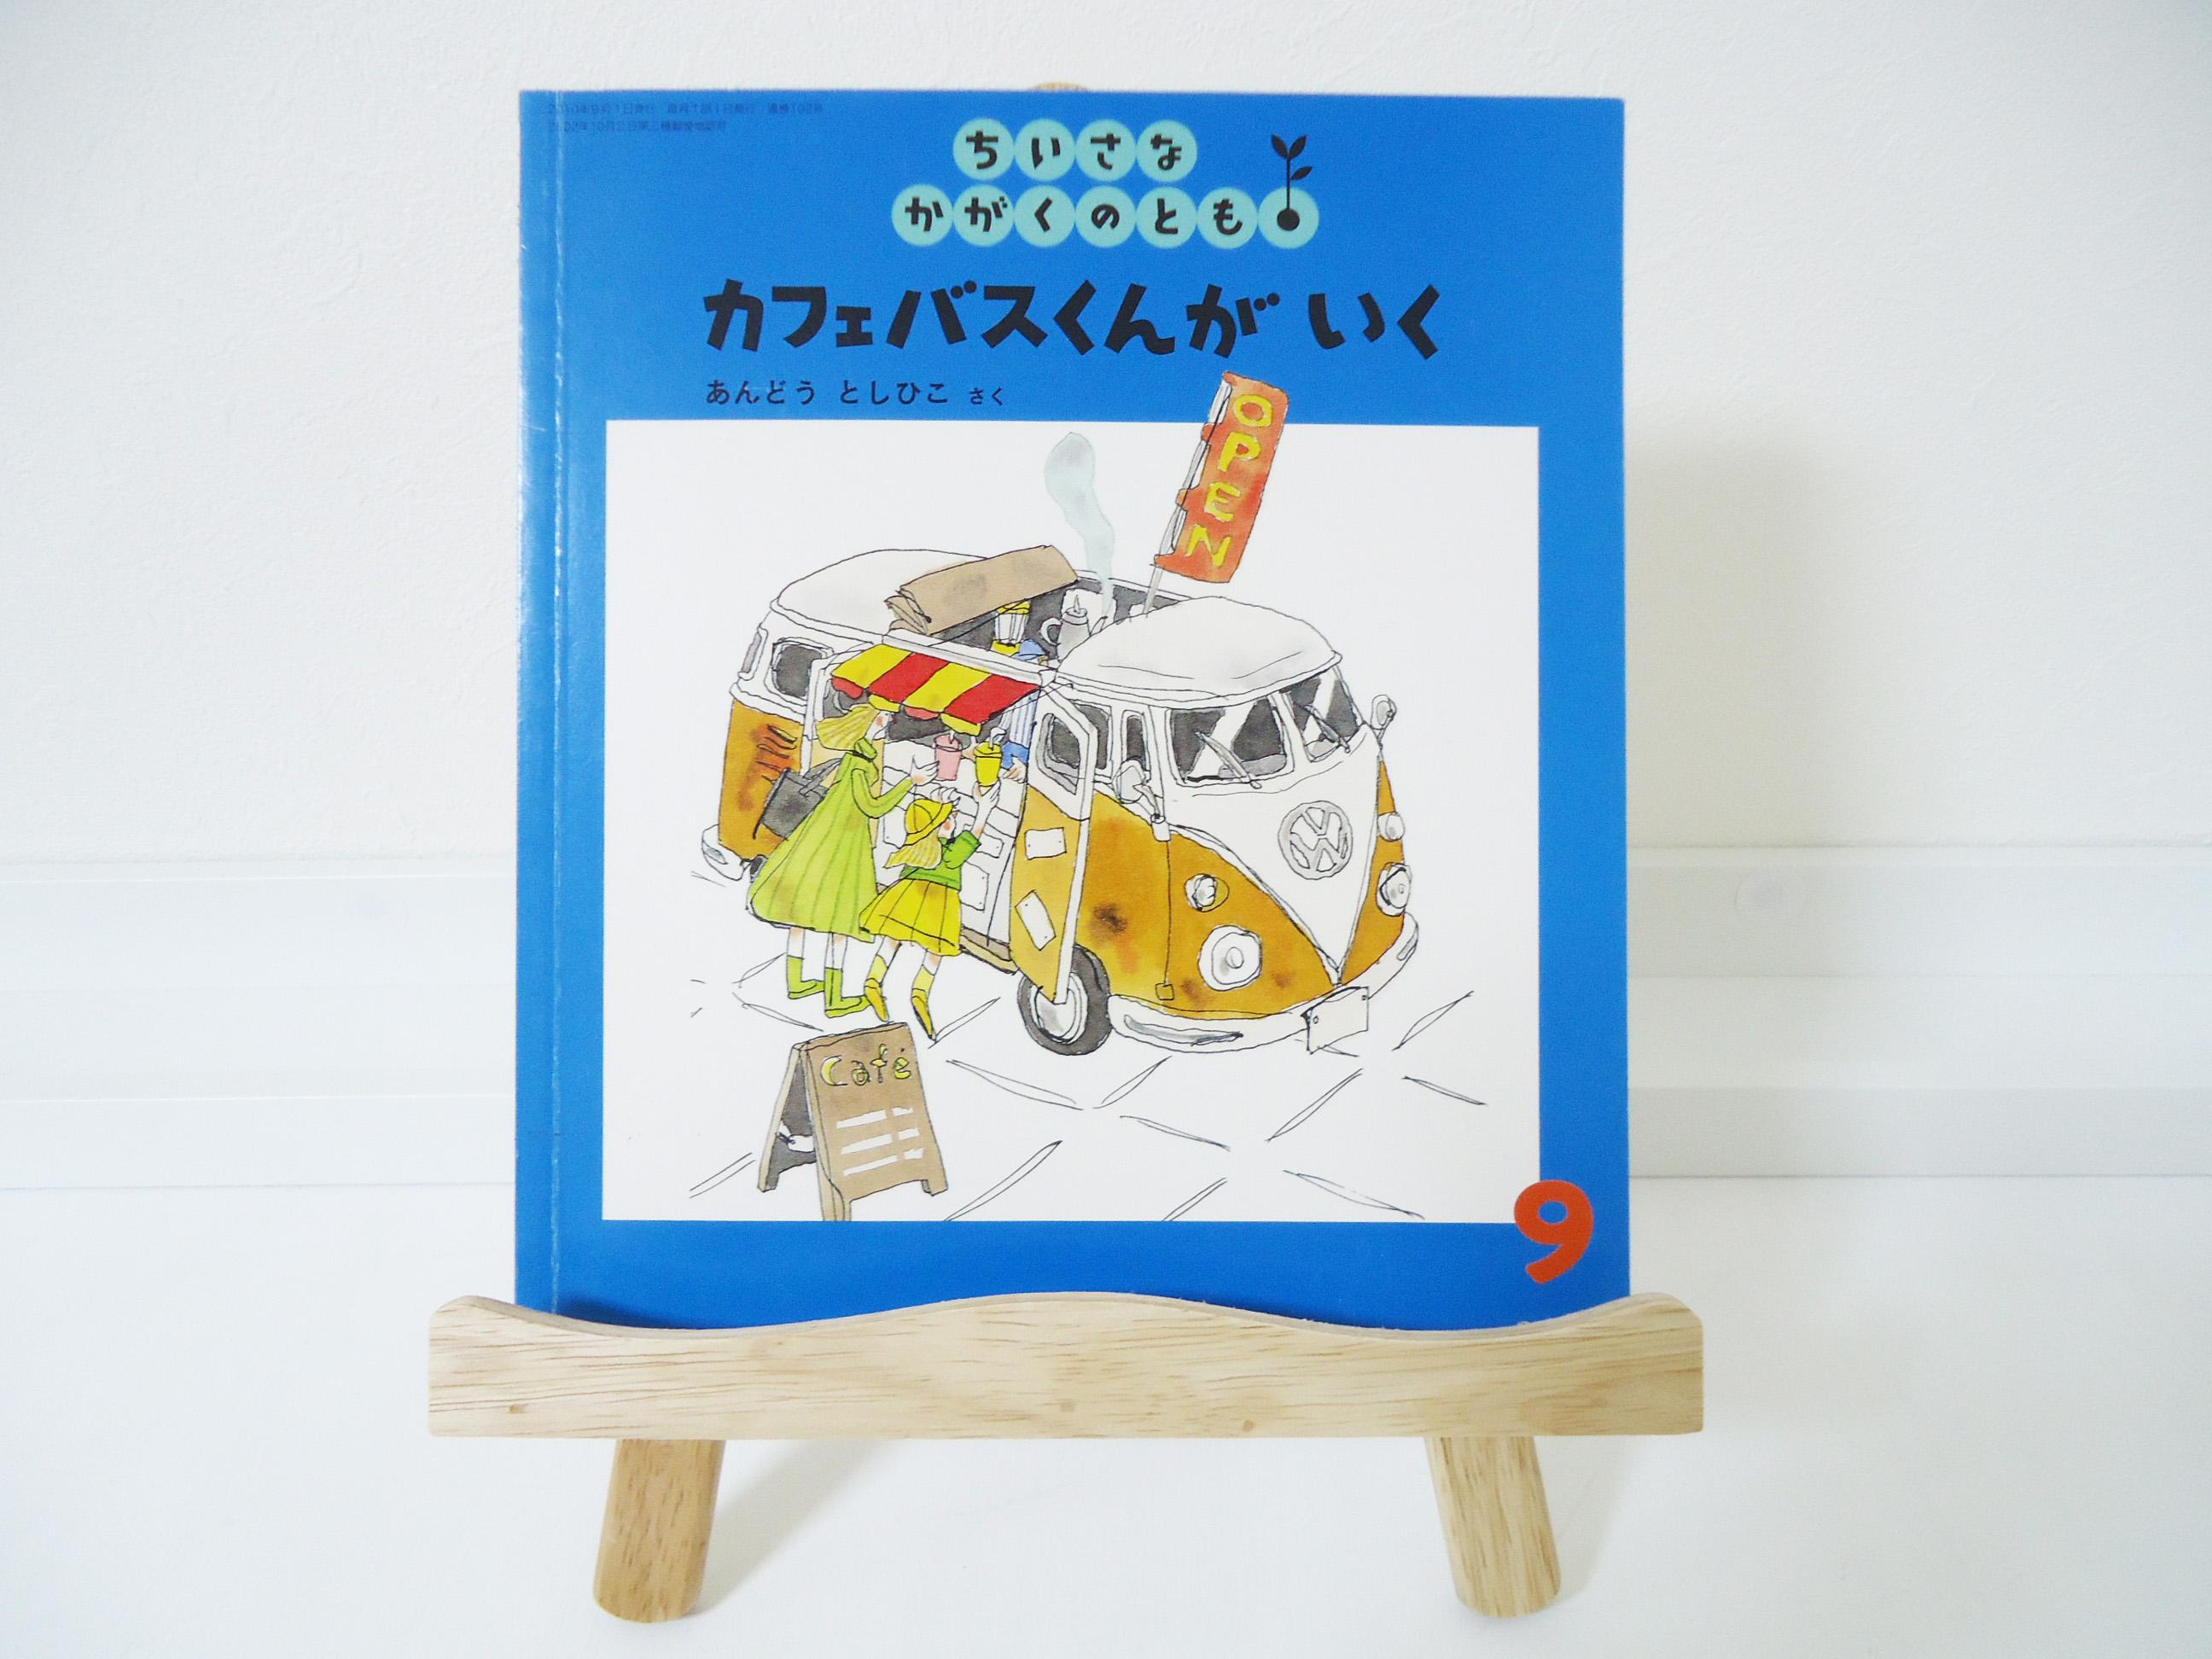 [絵本]『カフェバスくんがいく』ワーゲンバスのカフェバスくんが大活躍